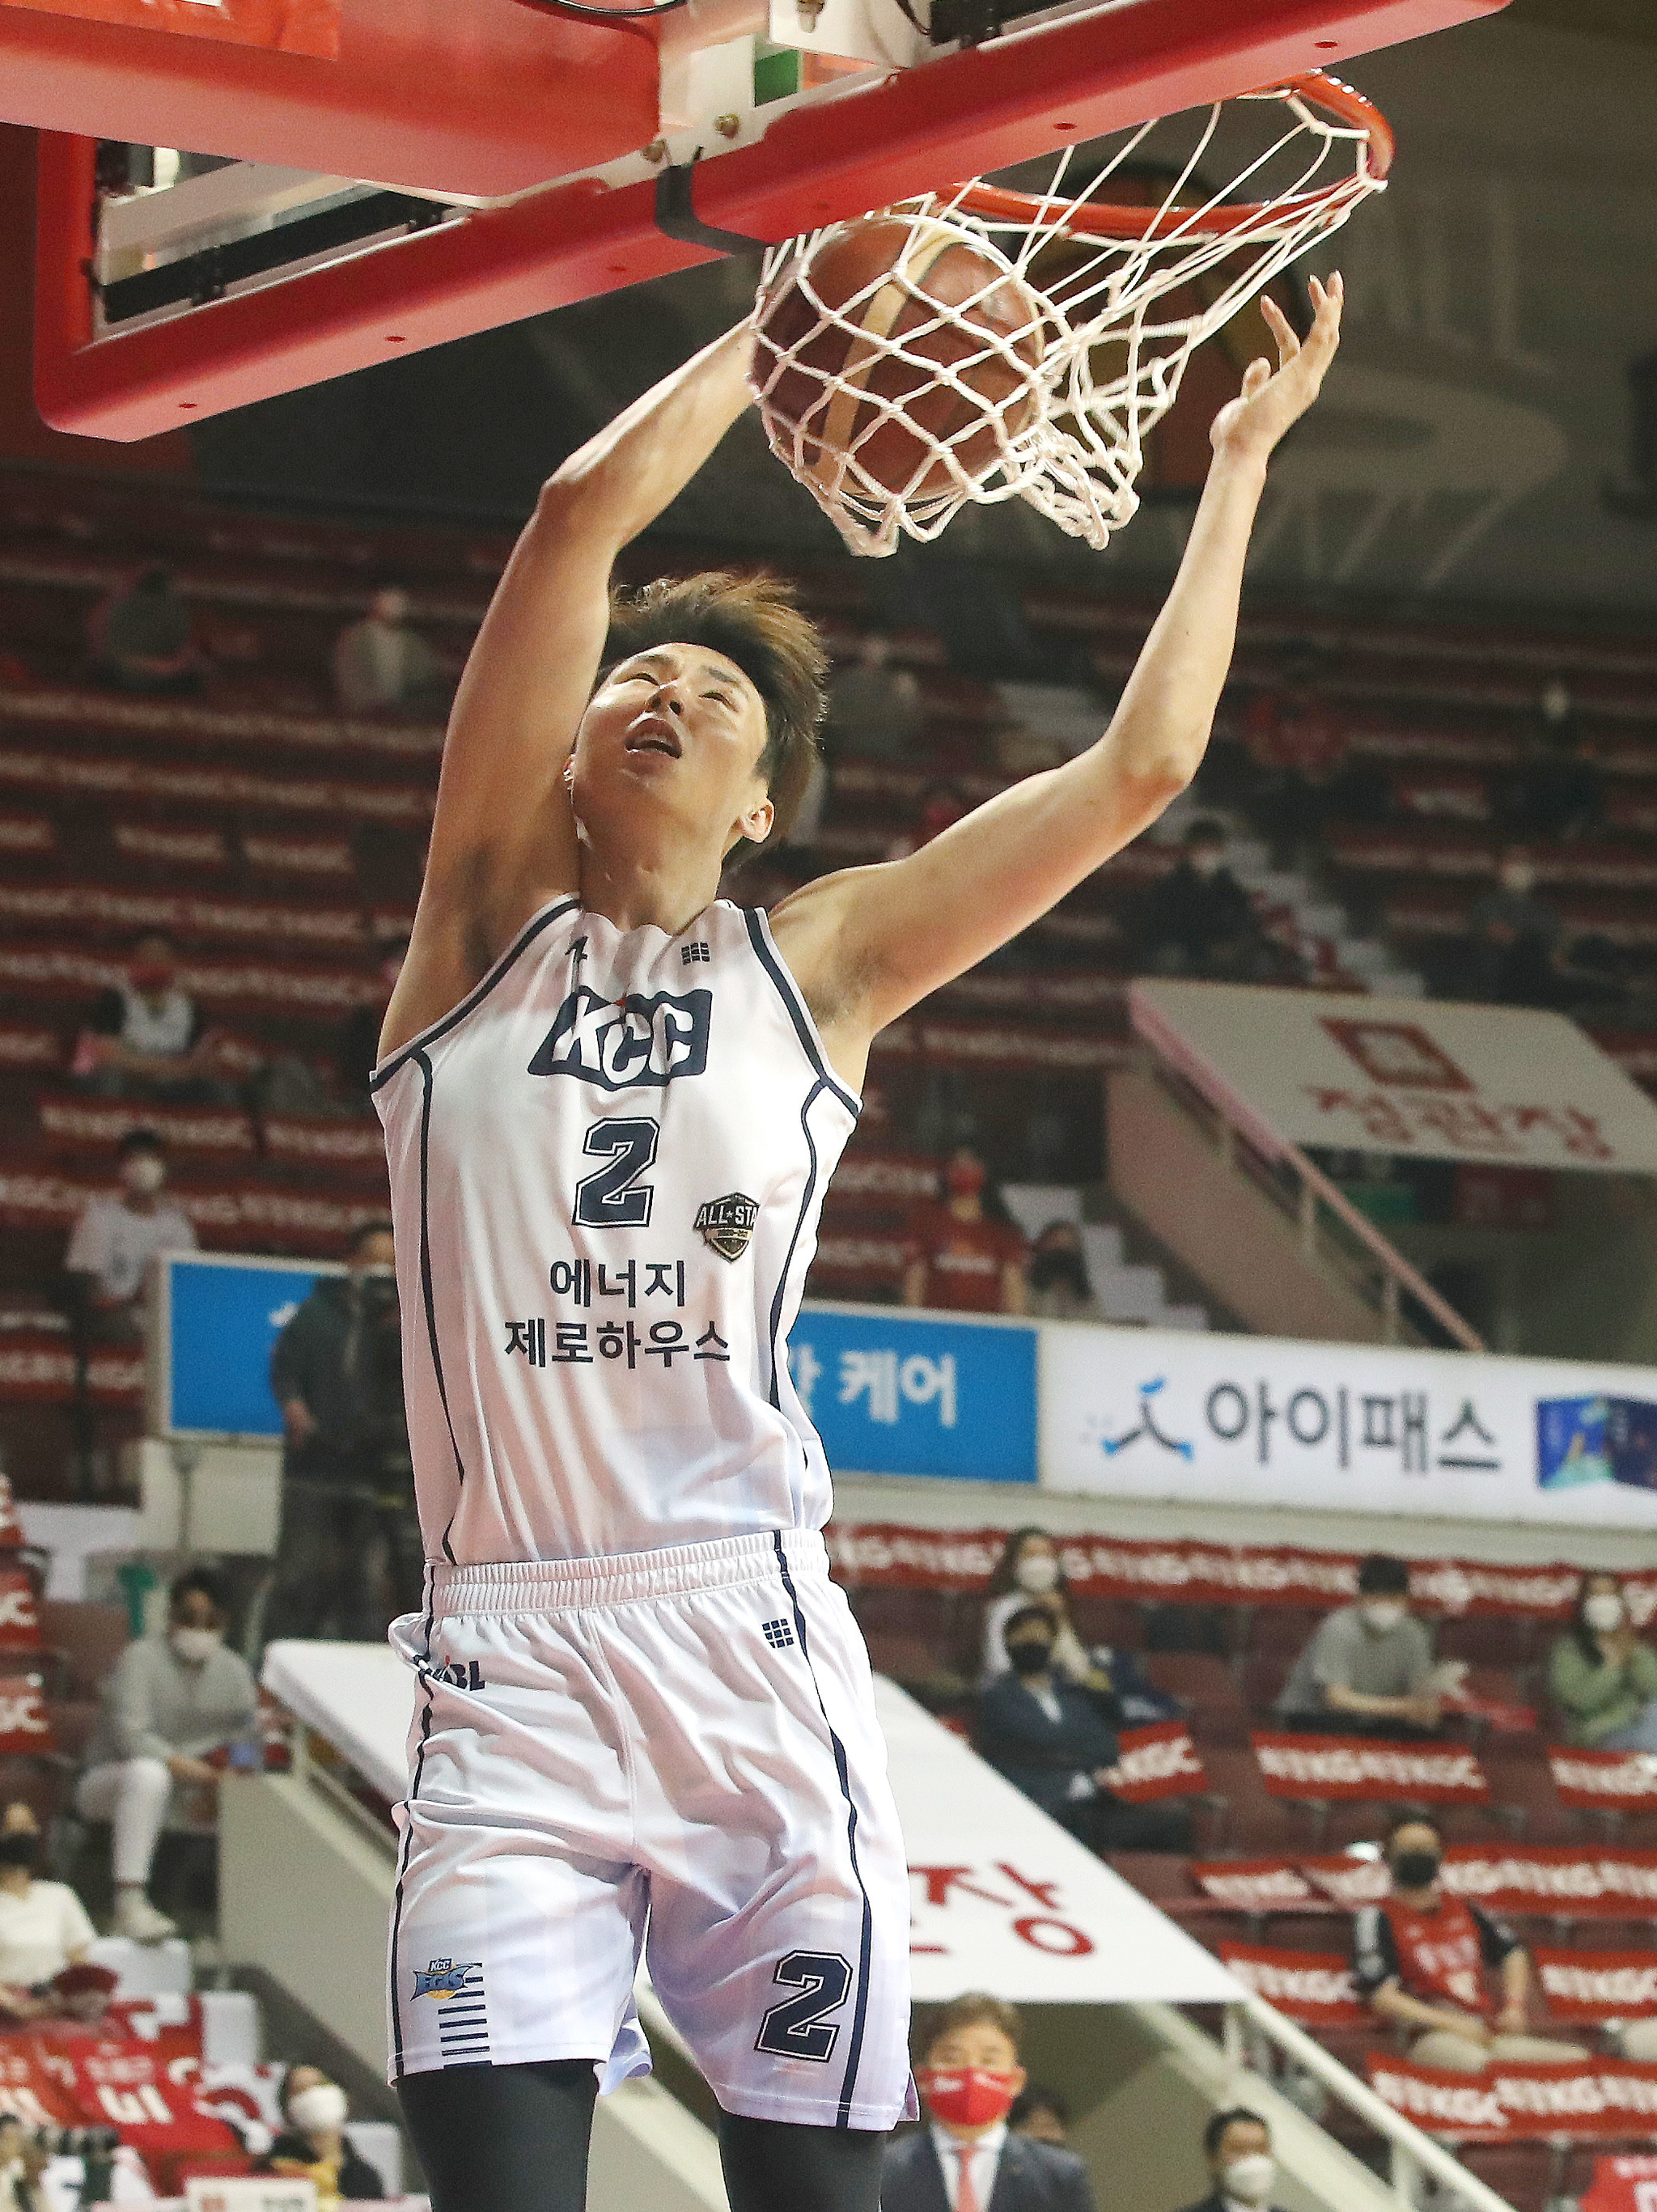 프로농구 챔프전 4차전에서 득점을 올리는 KCC 송교창. [뉴스1]